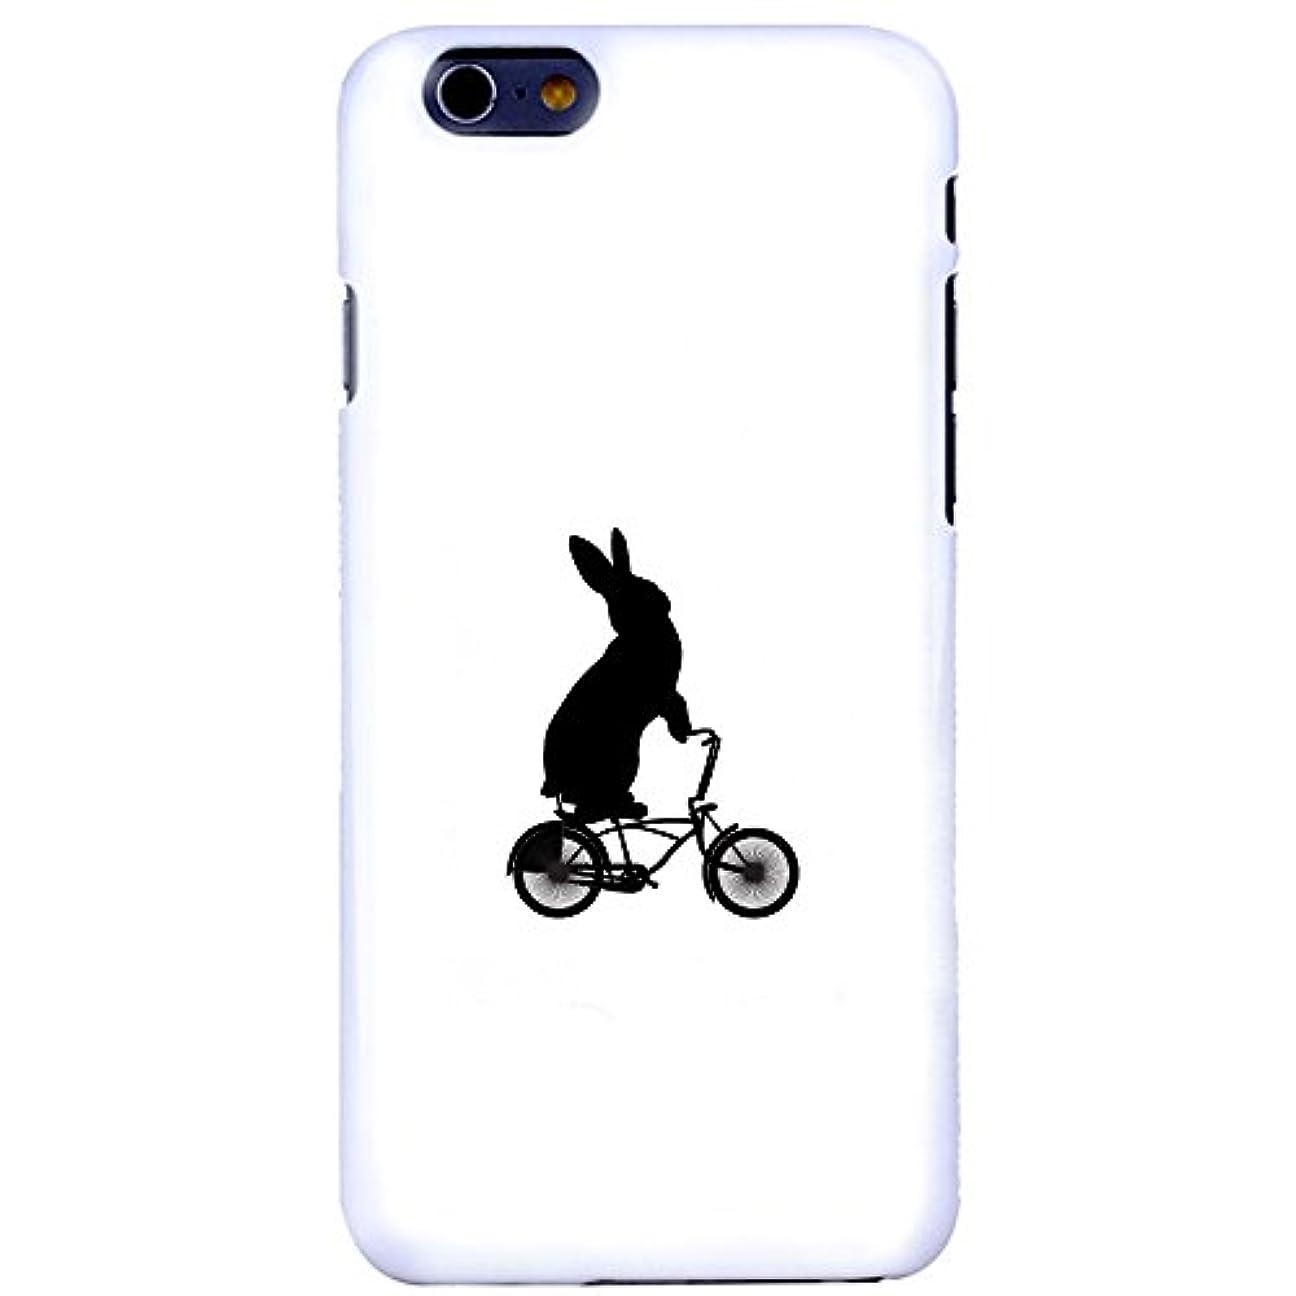 カバーたくさんの吸うotas iPhone6 カバー ハードケース ポリカーボネイト ホワイト 自転車うさぎ 888-36073